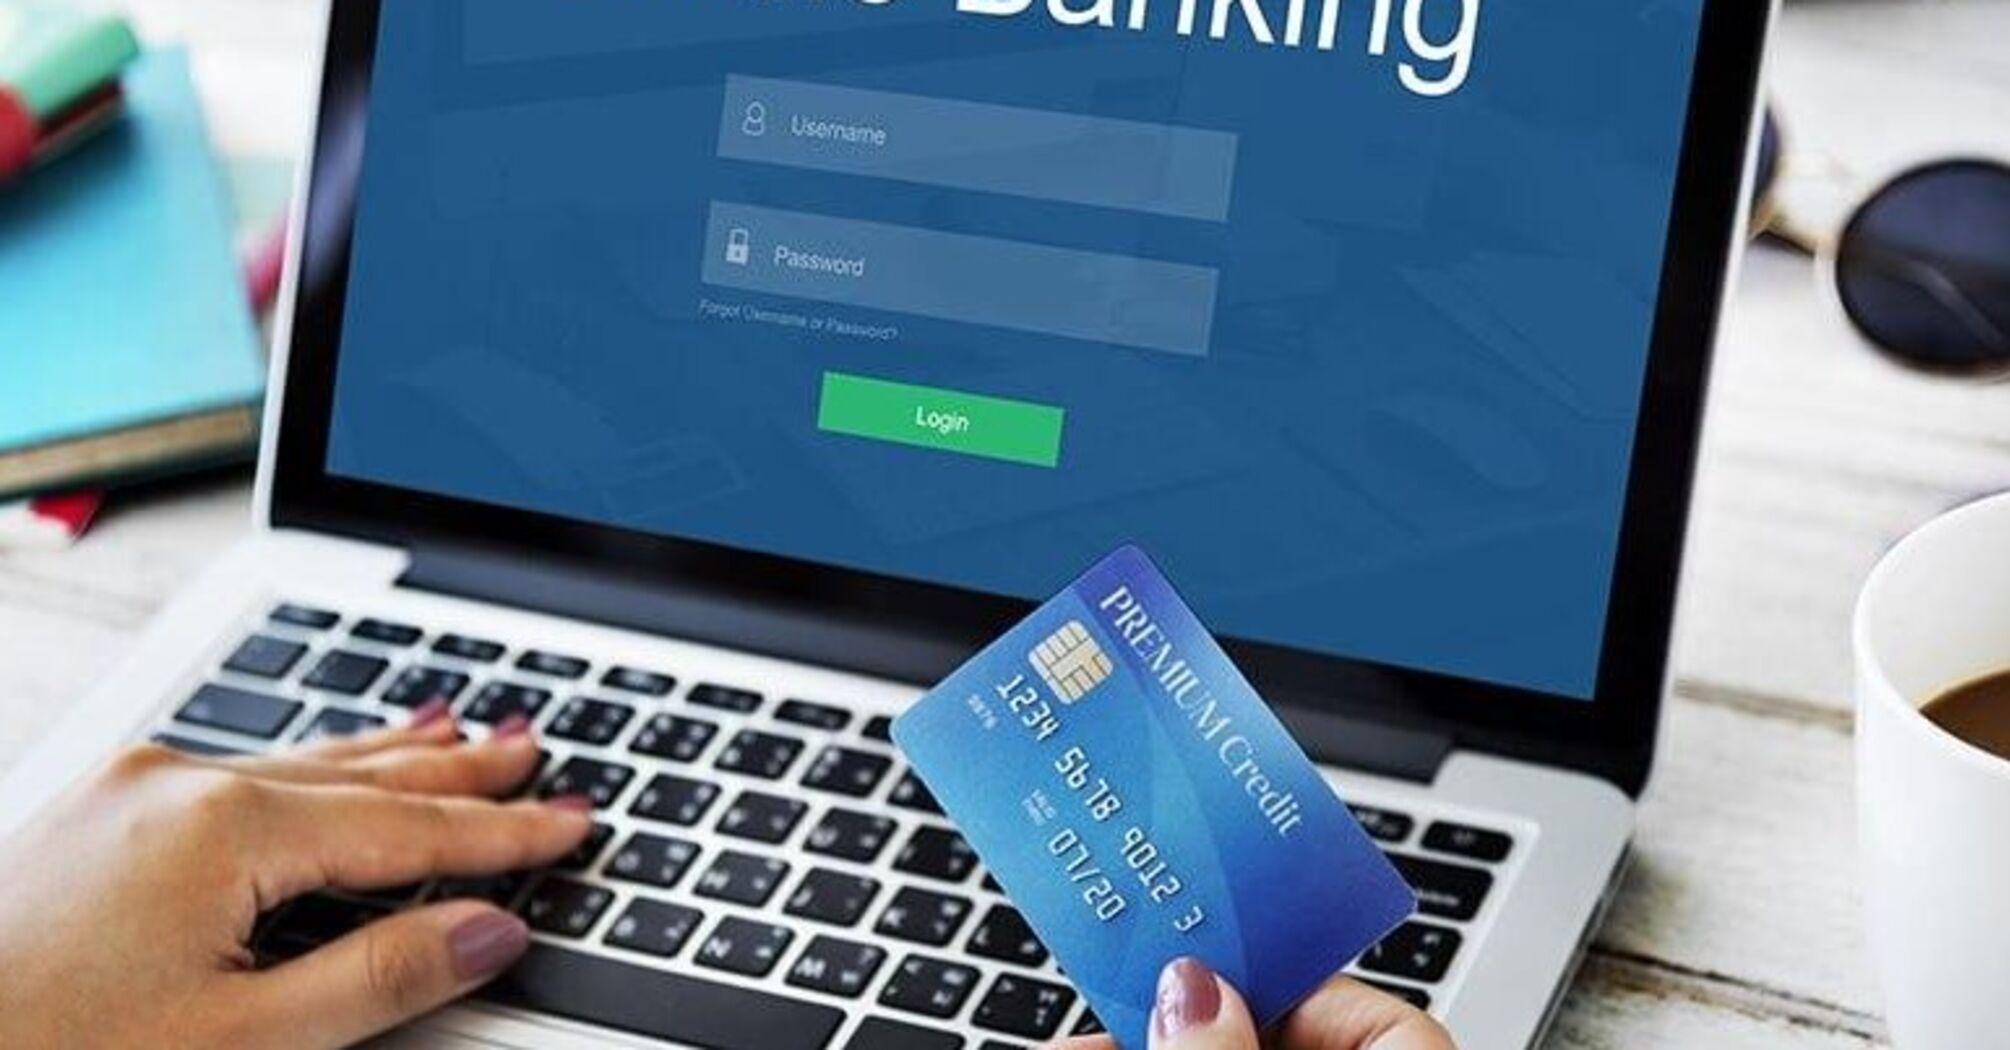 IBOX Bank присоединяется к информационной кампании Нацбанка по противодействию финансовому мошенничеству